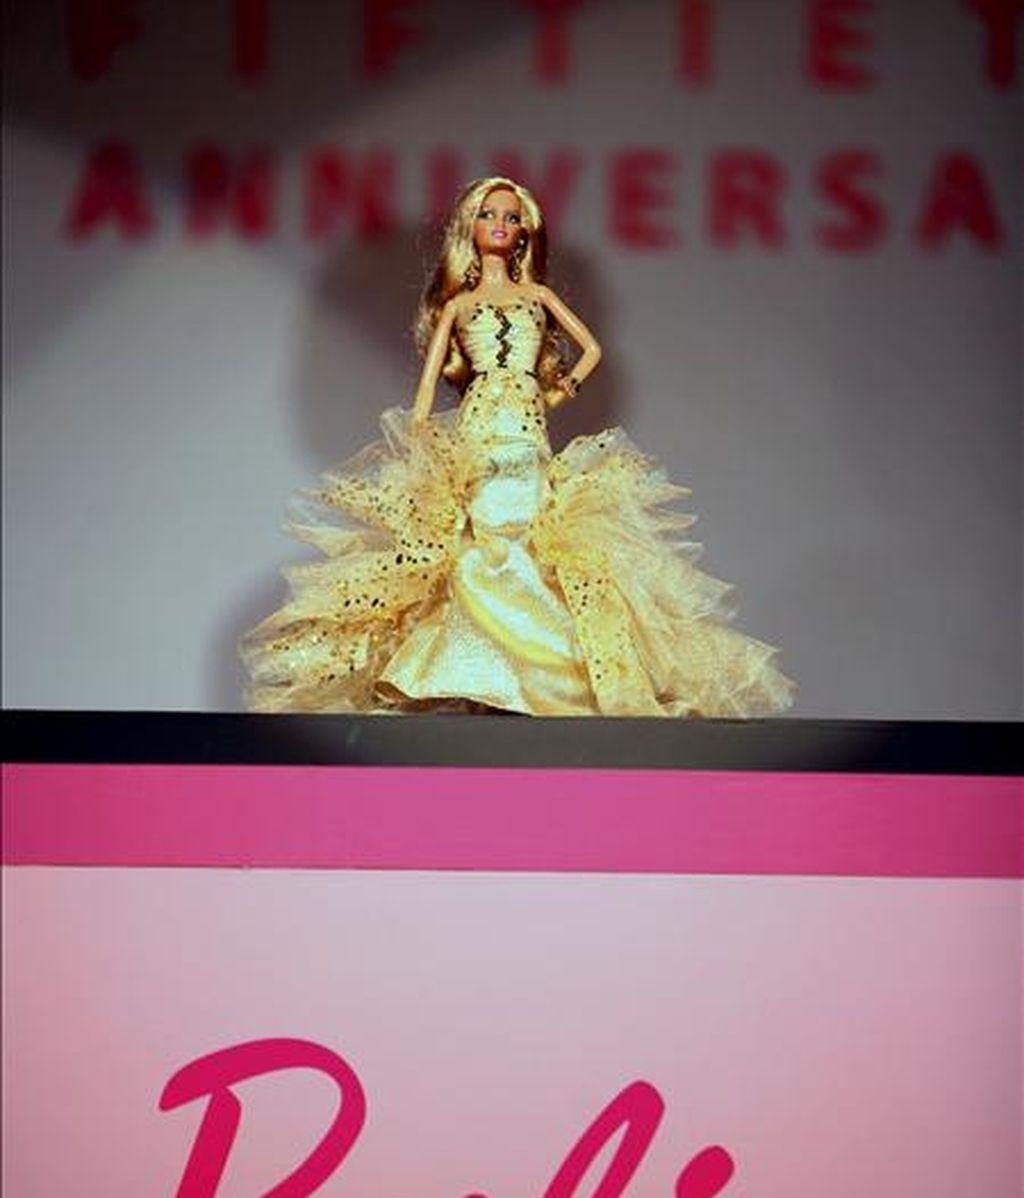 """La empresa estadounidense Mattel, fabricante de la muñeca """"Barbie"""" y otros juguetes, cerró el primer trimestre de este año con una perdida neta de 51 millones de dólares. EFE/Archivo"""